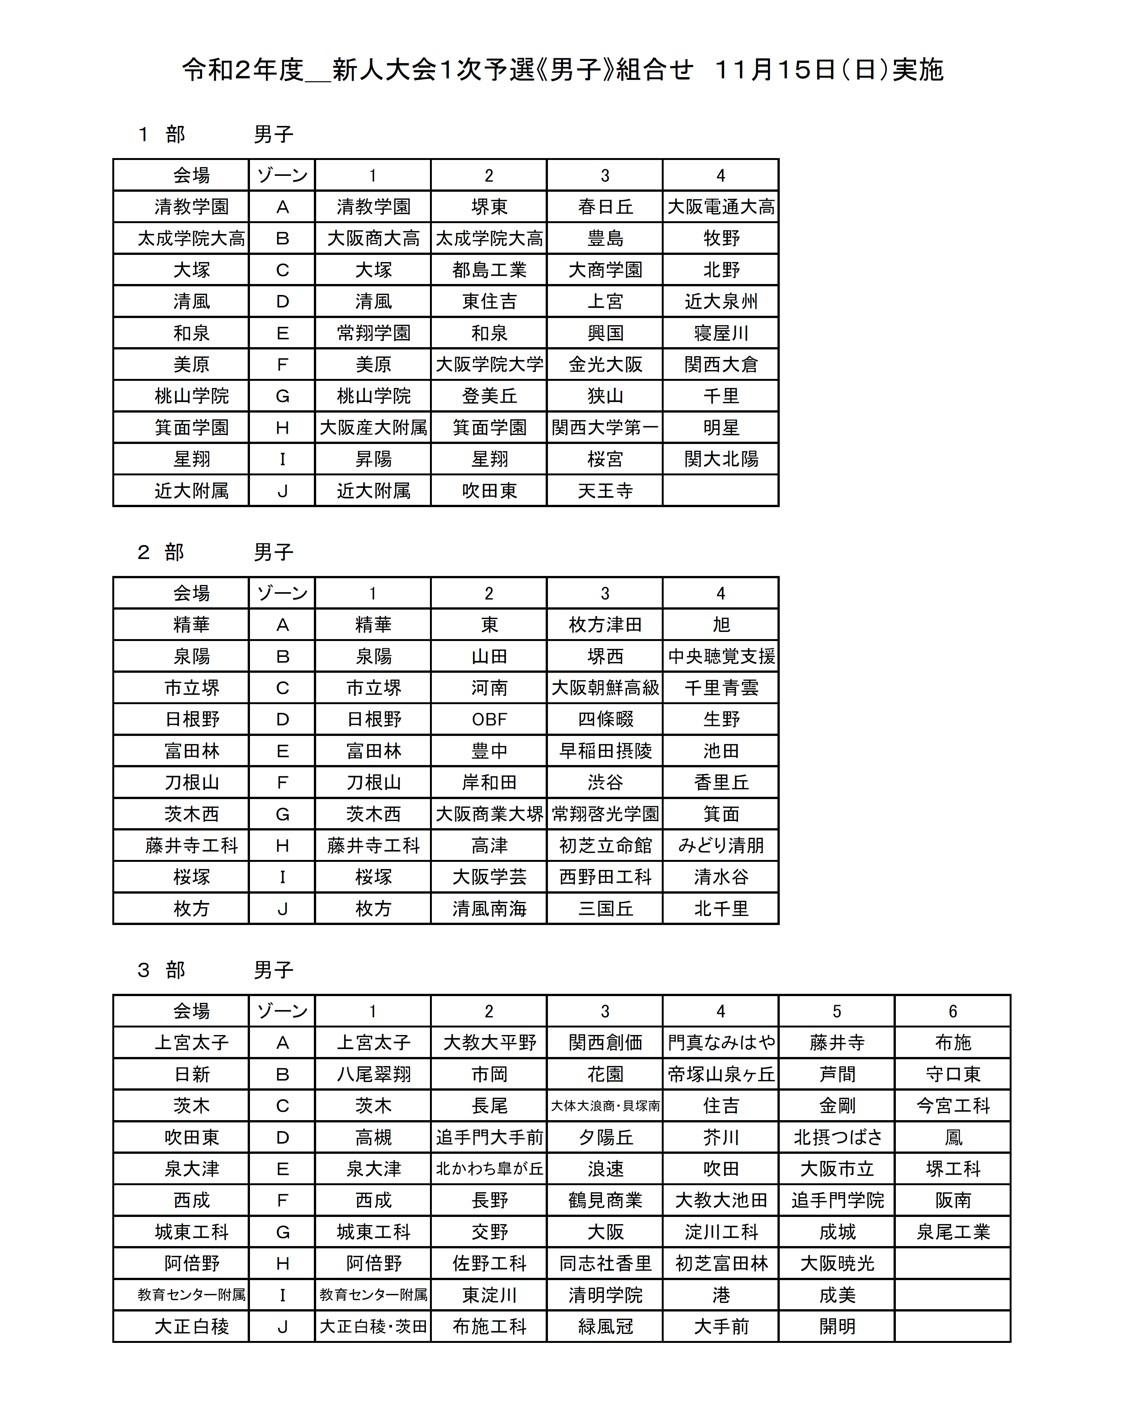 2020年度_新人大会_大阪_男子_組合せ